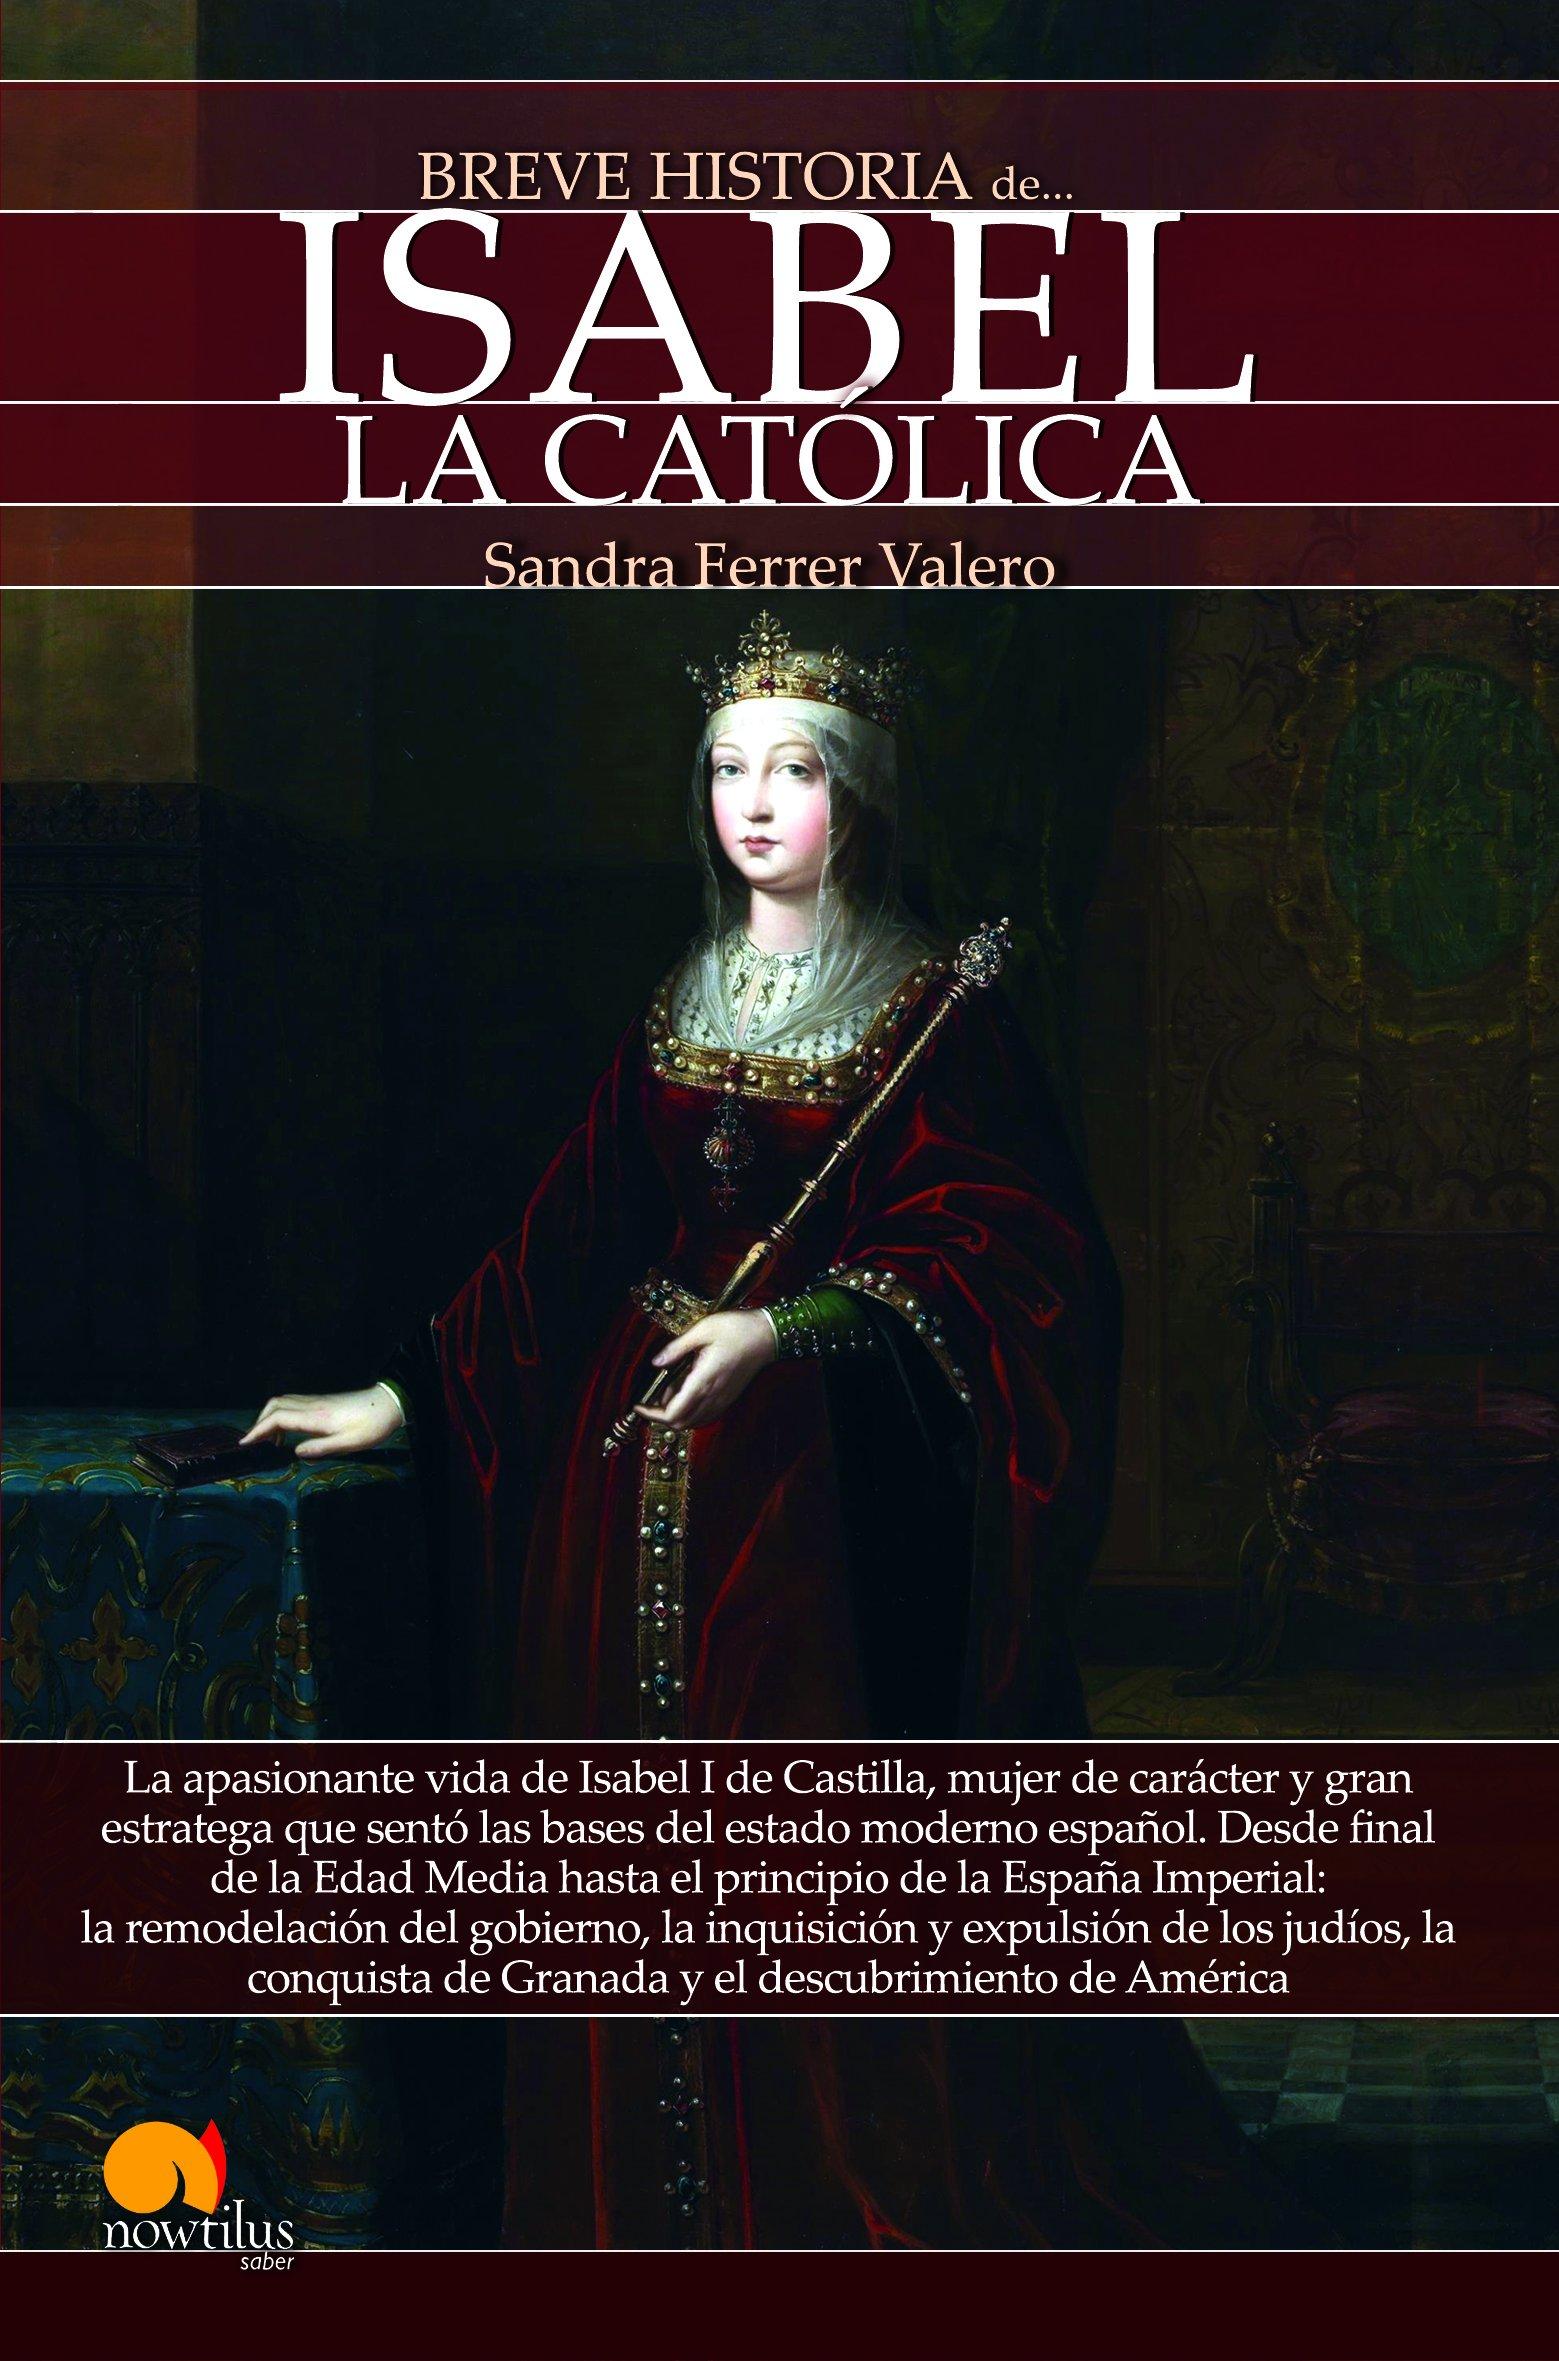 Breve historia de Isabel la Católica: Amazon.es: Ferrer Valero, Sandra: Libros